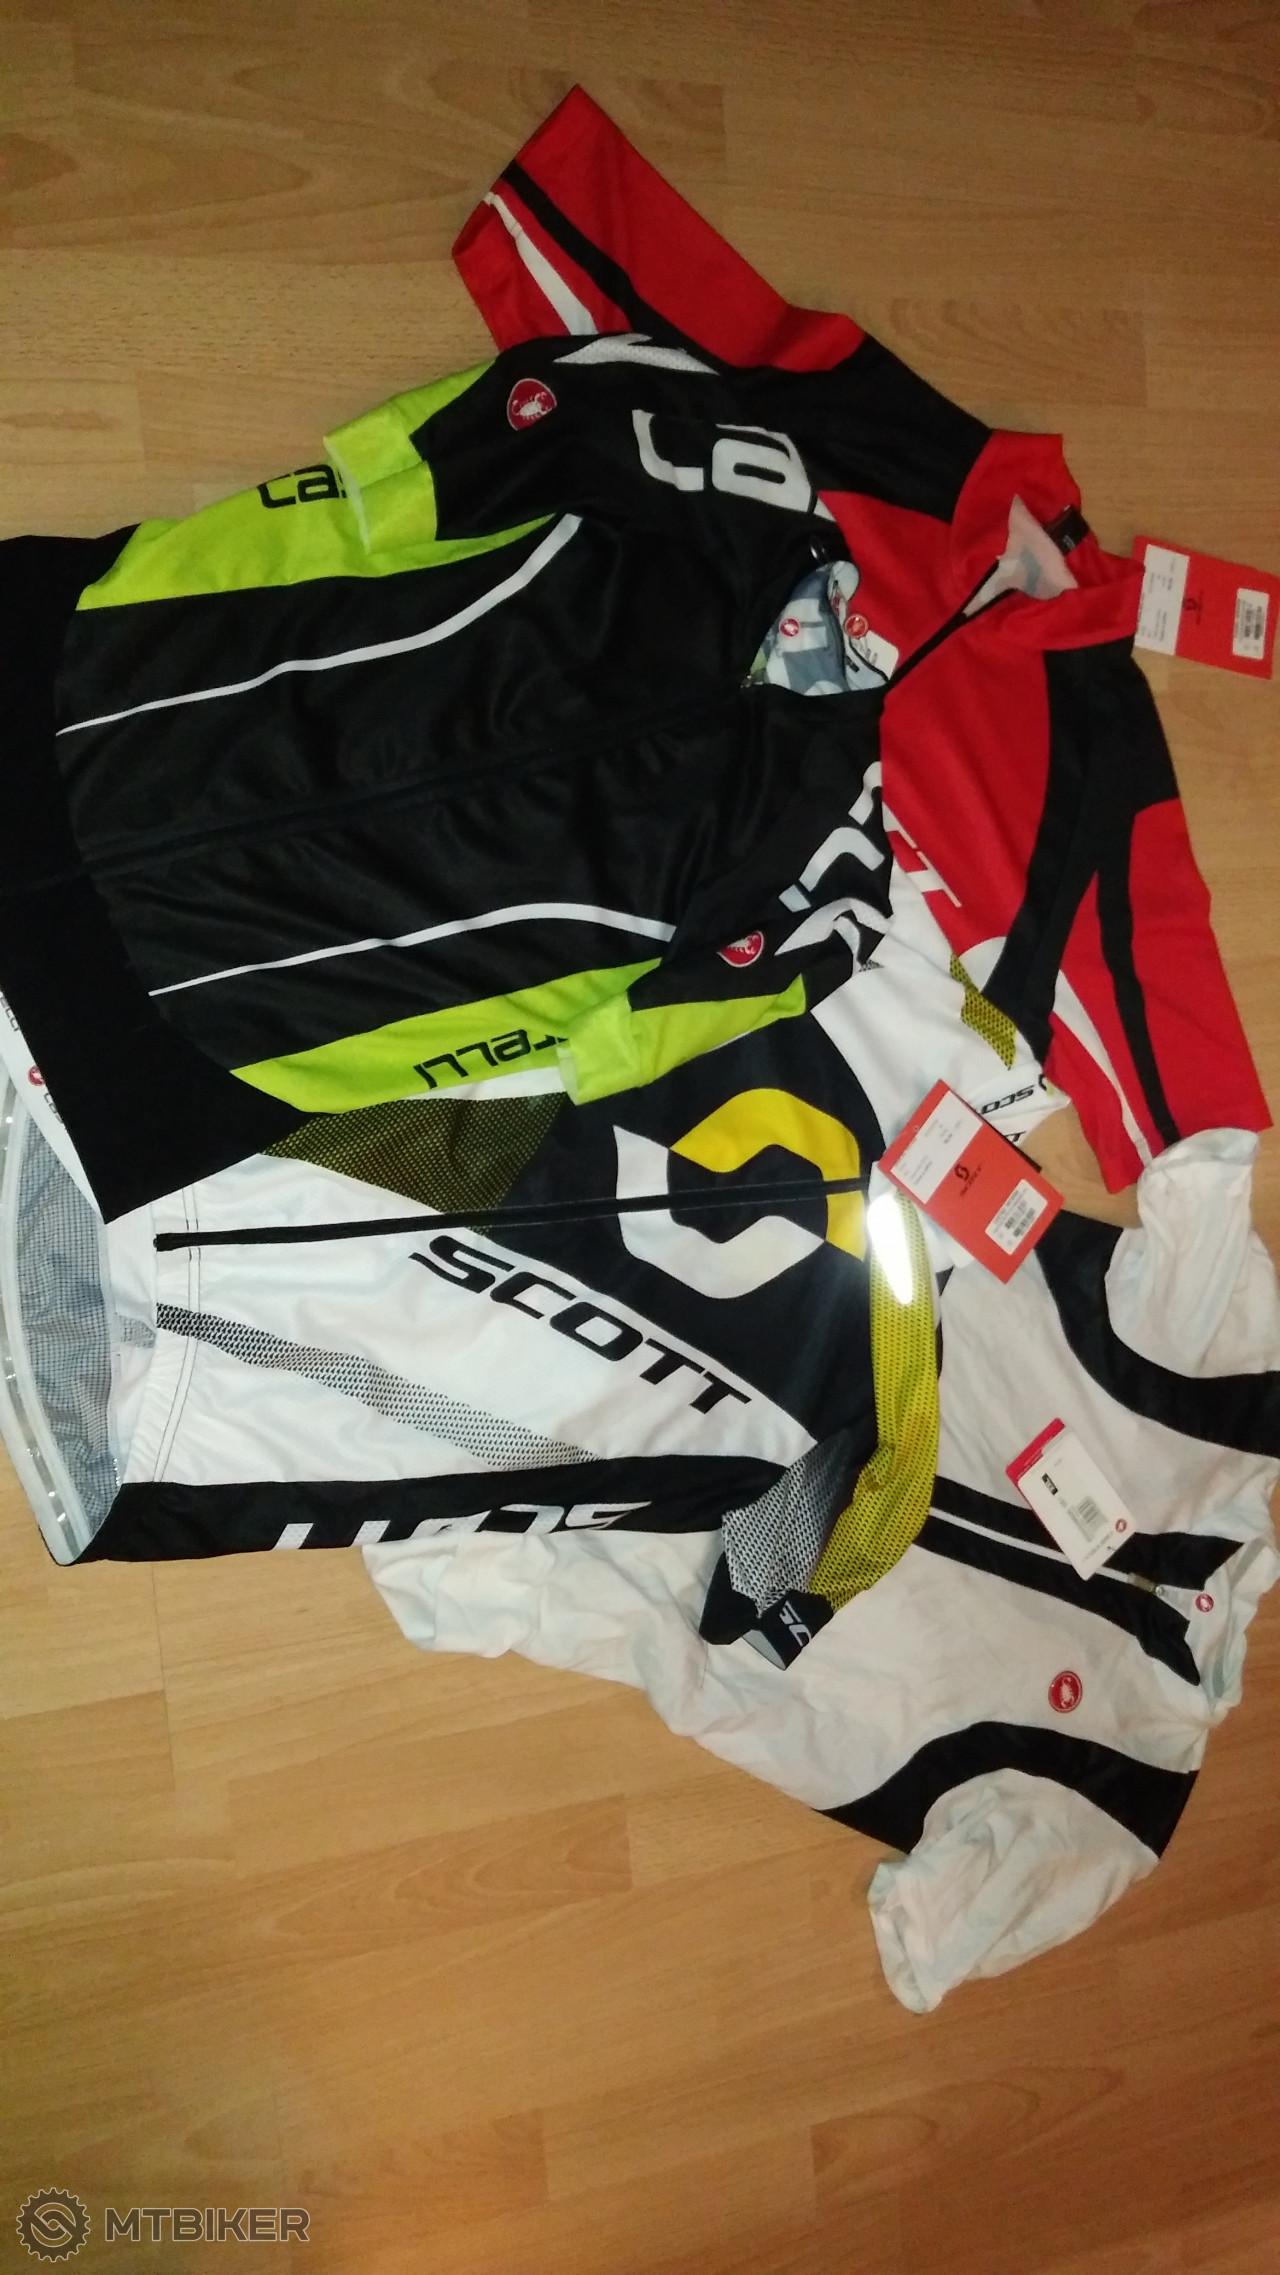 9616cf1599794 Cyklistické Dresy Castelli A Scott - Príslušenstvo - Oblečenie a batohy - Bazár  MTBIKER